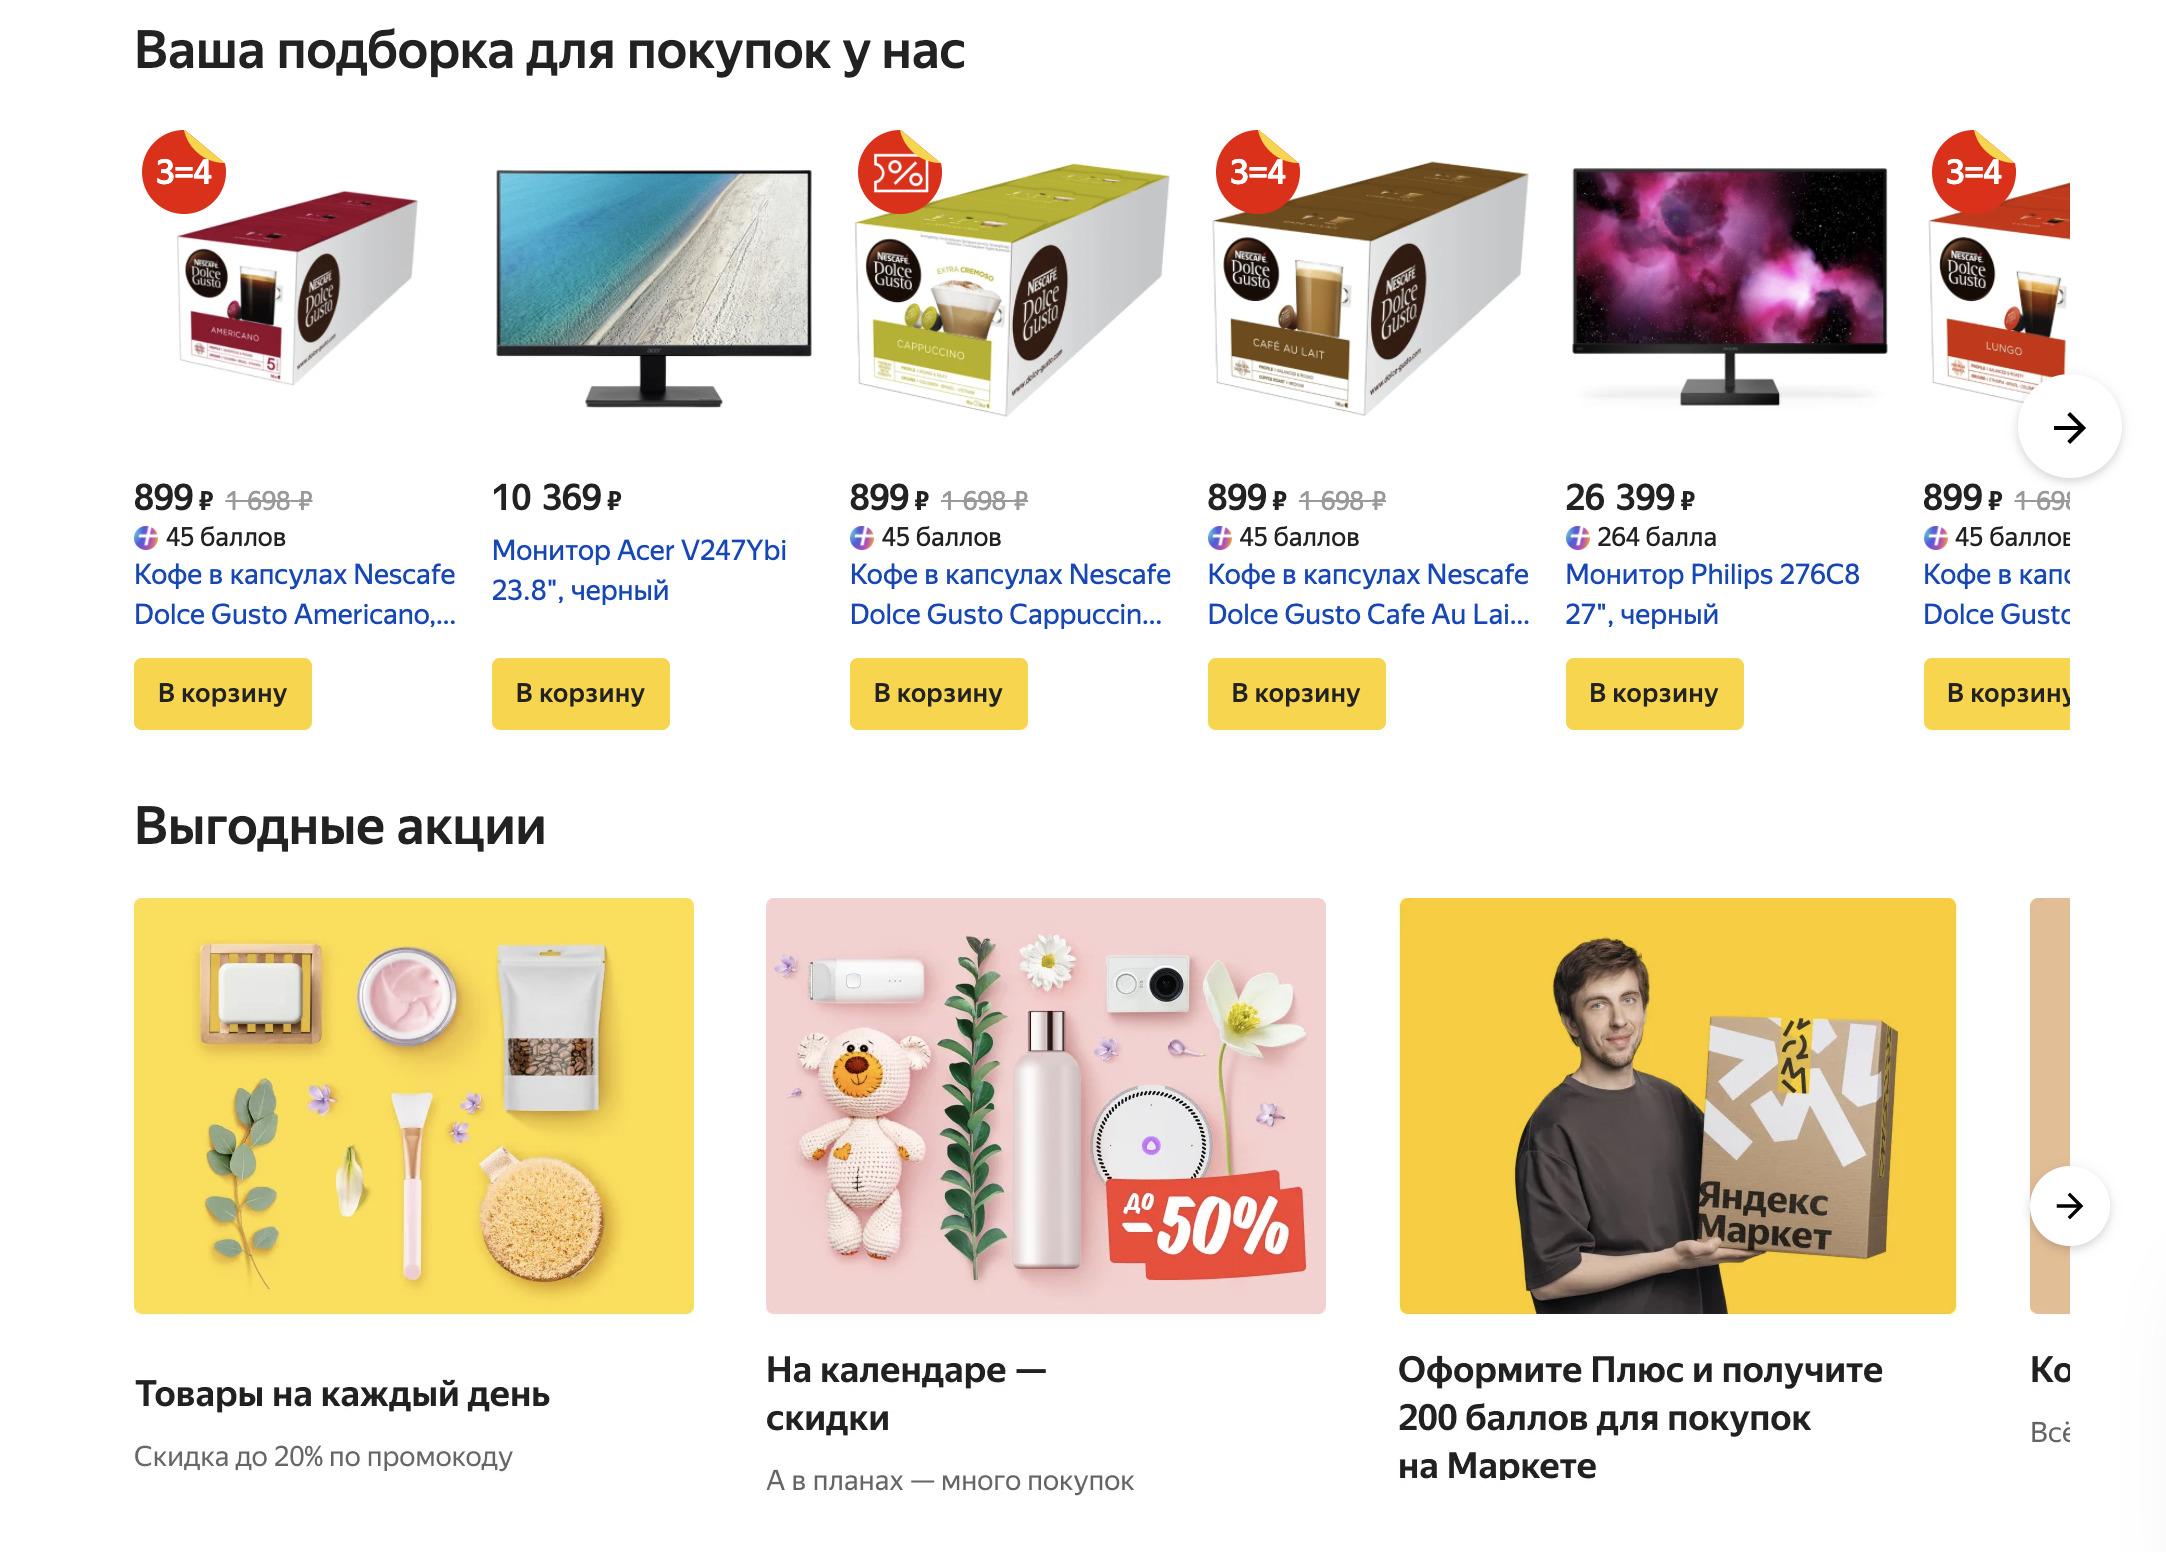 Доставка из Яндекс.Маркет в Липецкая область, сроки, пункты выдачи, каталог